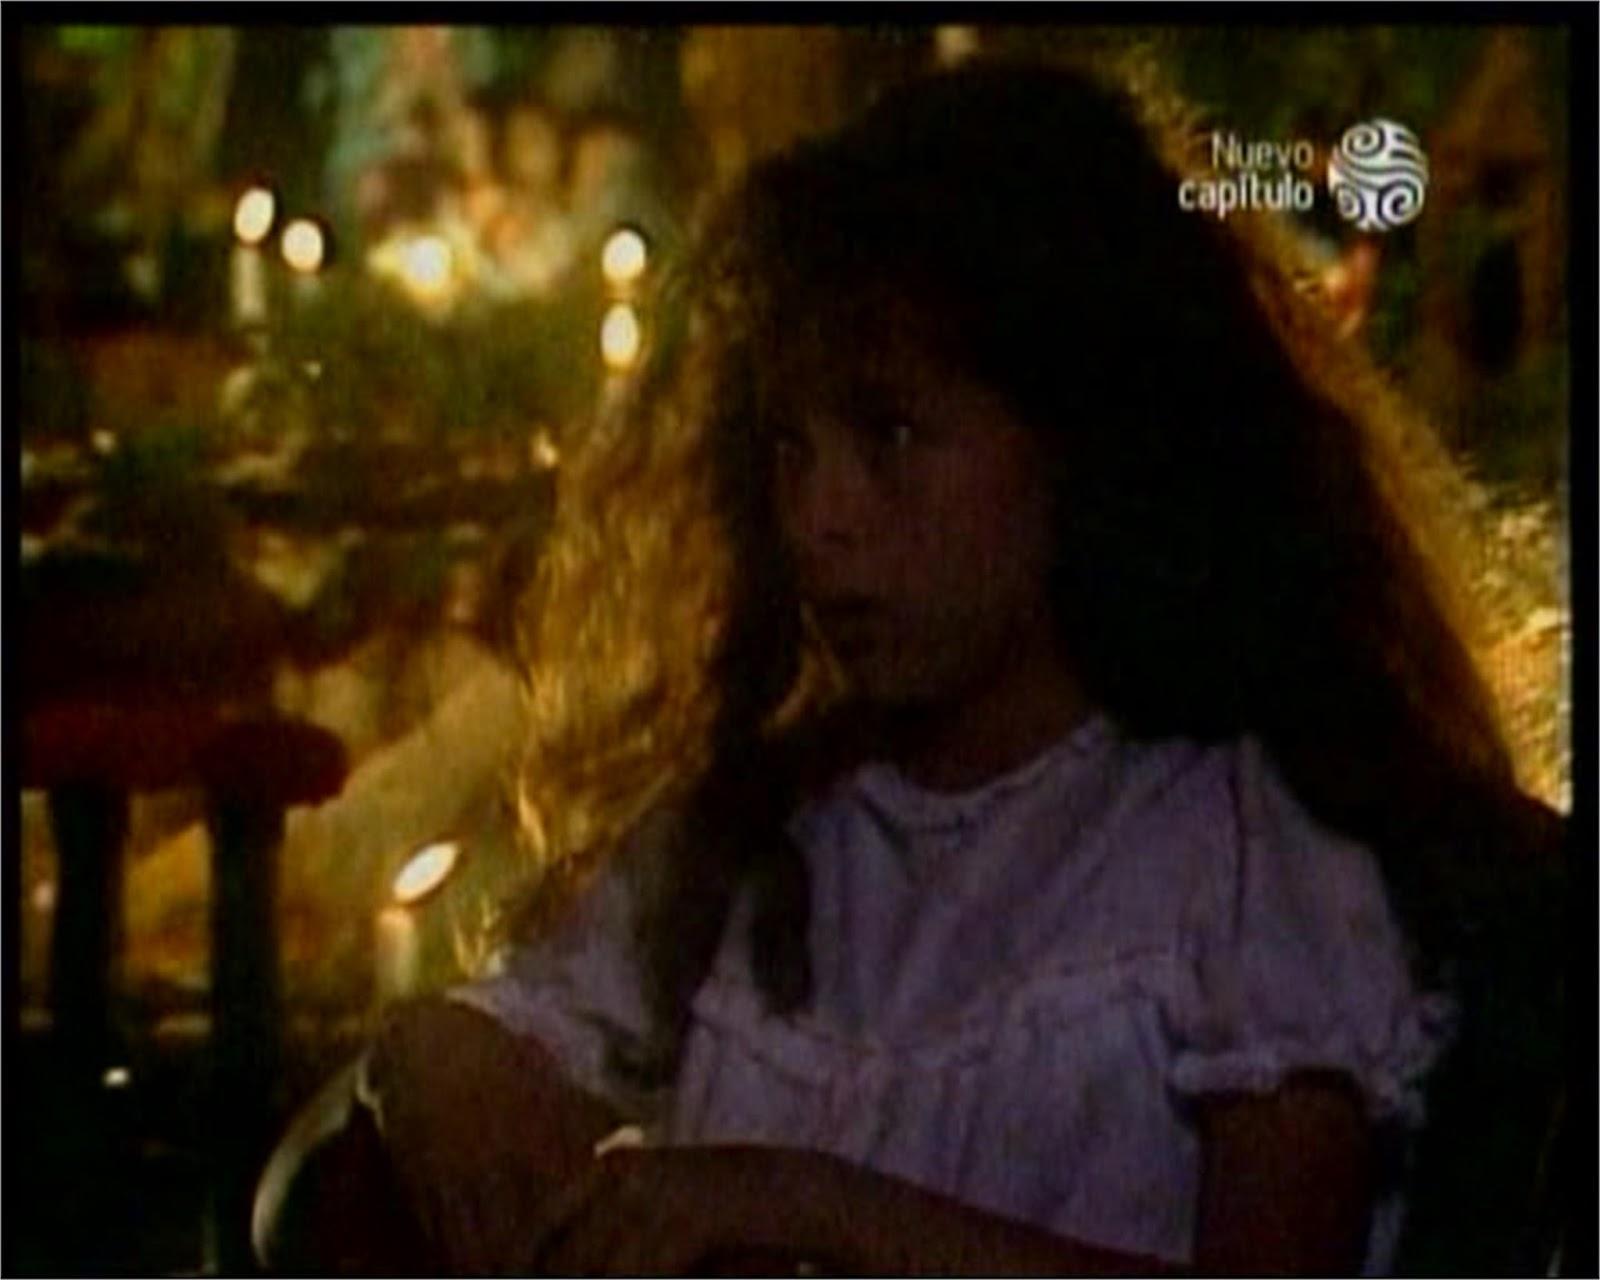 Danna García fotos..La Casa de las dos Palmas 1990 - Página 3 EVANGELINA+(DANNA+GARCIA+NI%C3%91A)+ZZE